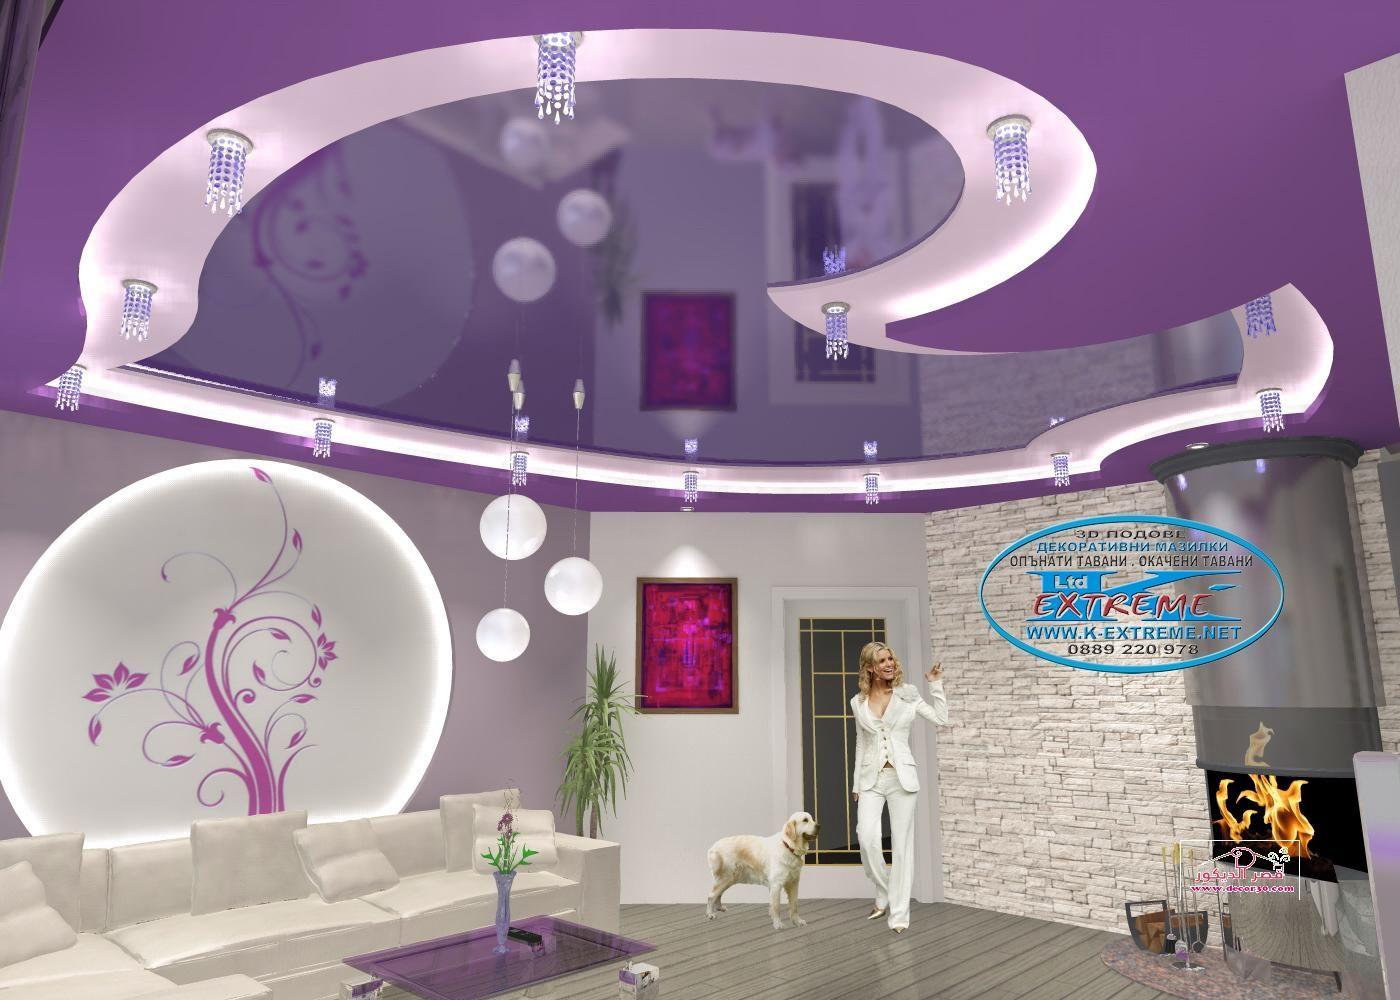 اسقف جبس بورد حديثة Modern Gypsum Board Ceiling قصر الديكور Ceiling Design Lighted Bathroom Mirror Design